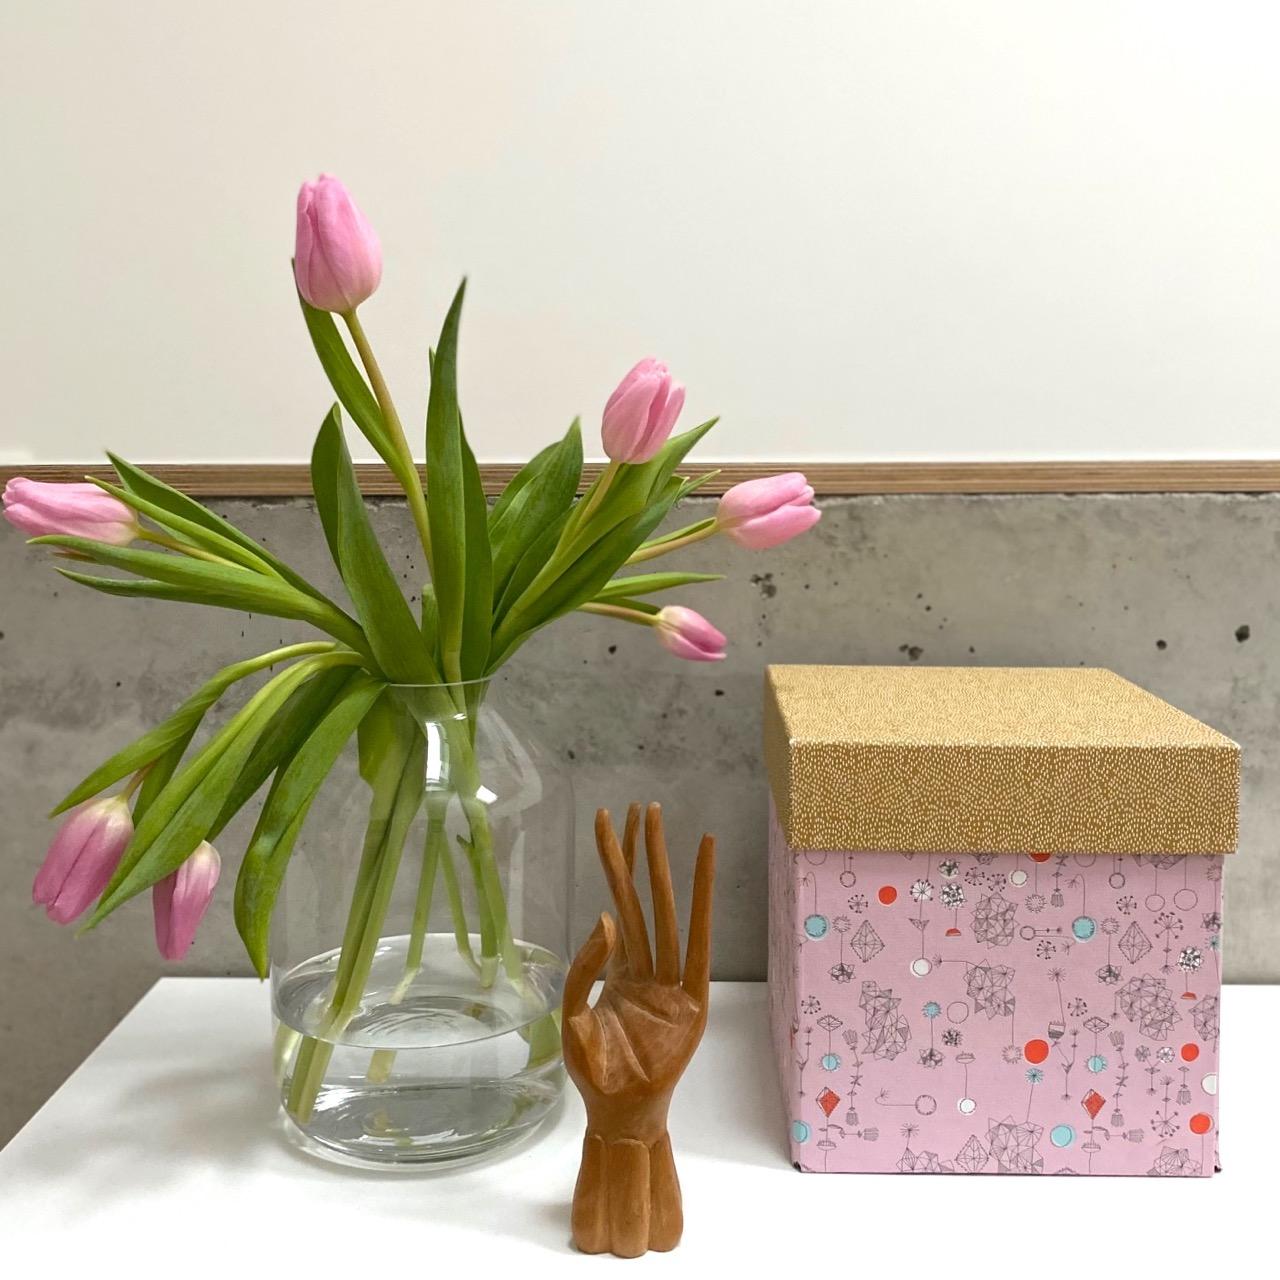 deko-interior-fruehling-tulpen-januar-herrundfraukrauss-blog-eins